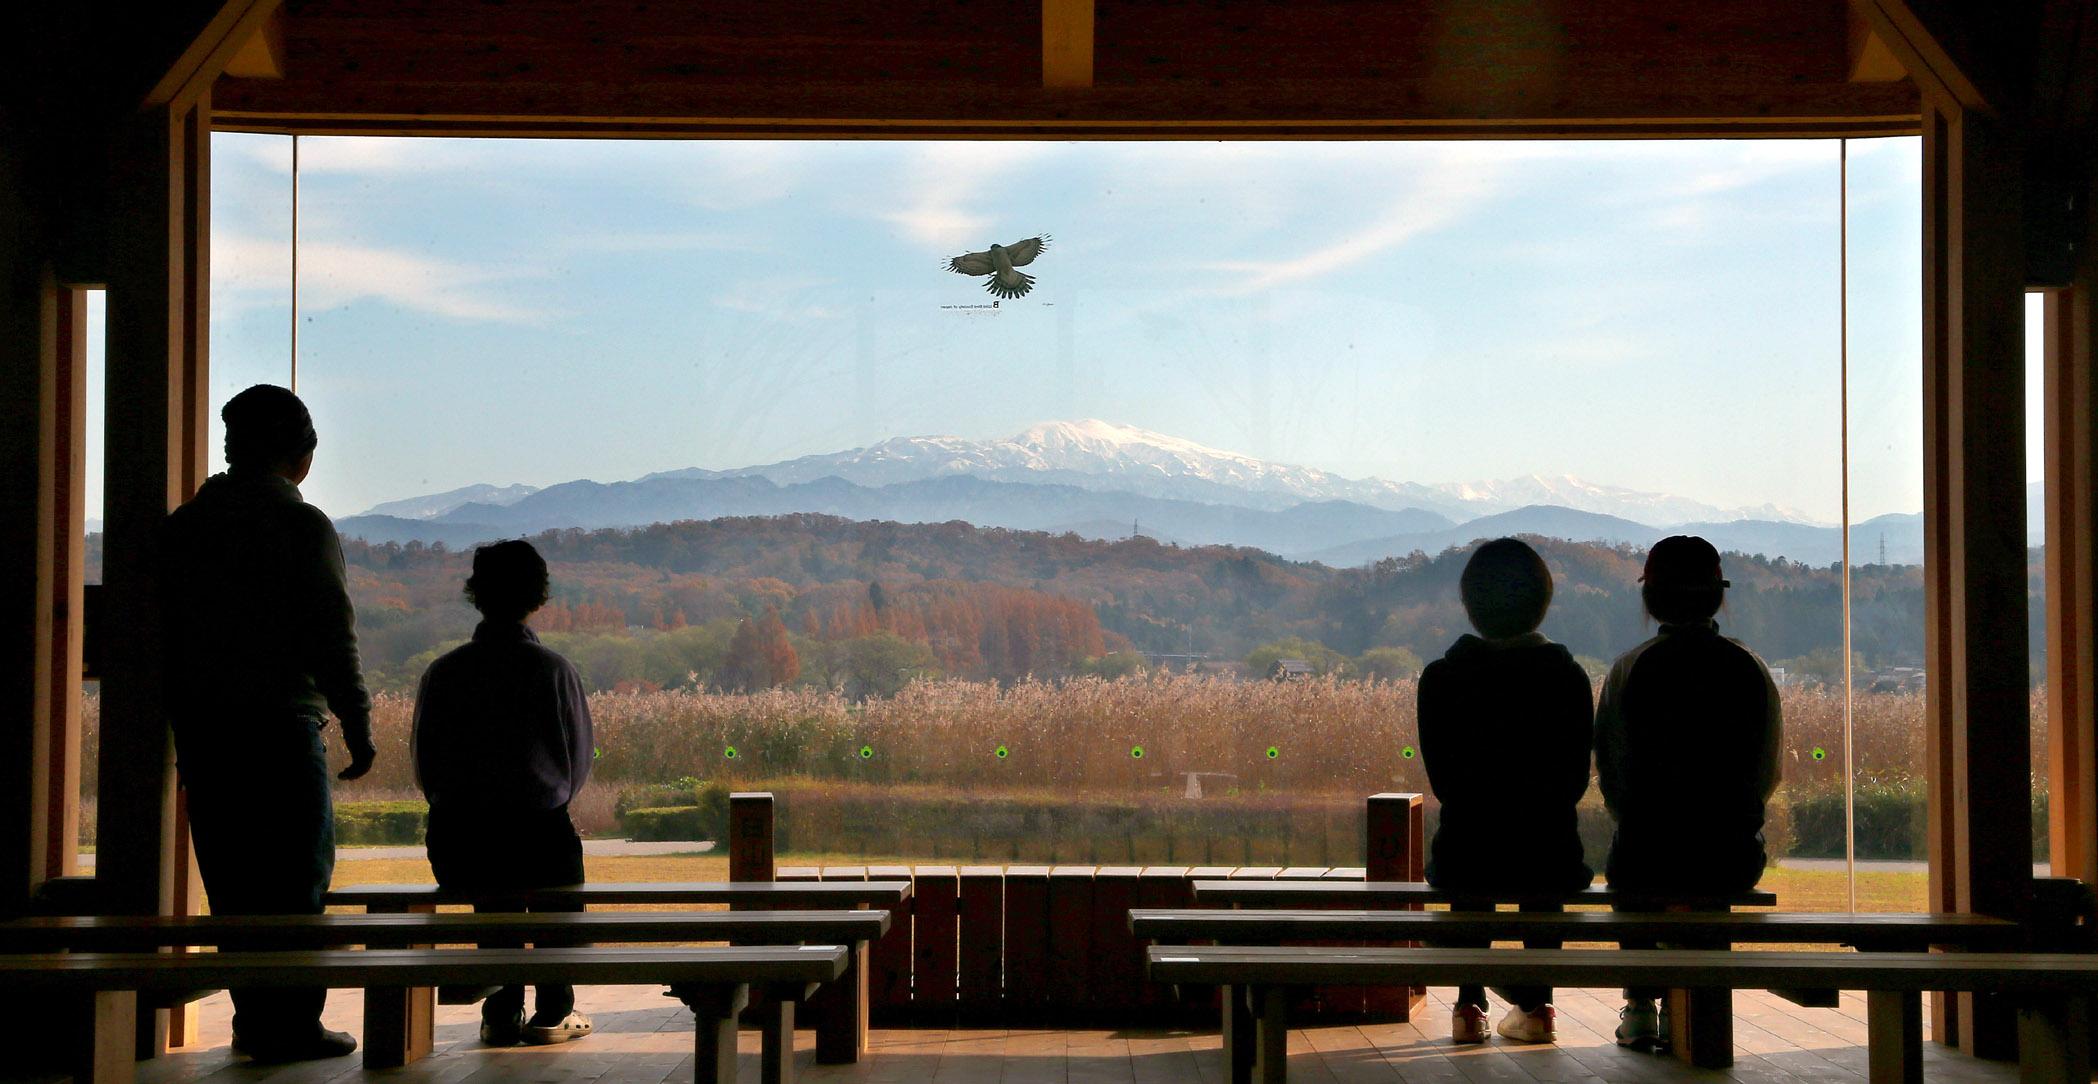 雪を頂く白山を眺める来園者=小松市の木場潟公園西園地展望休憩所